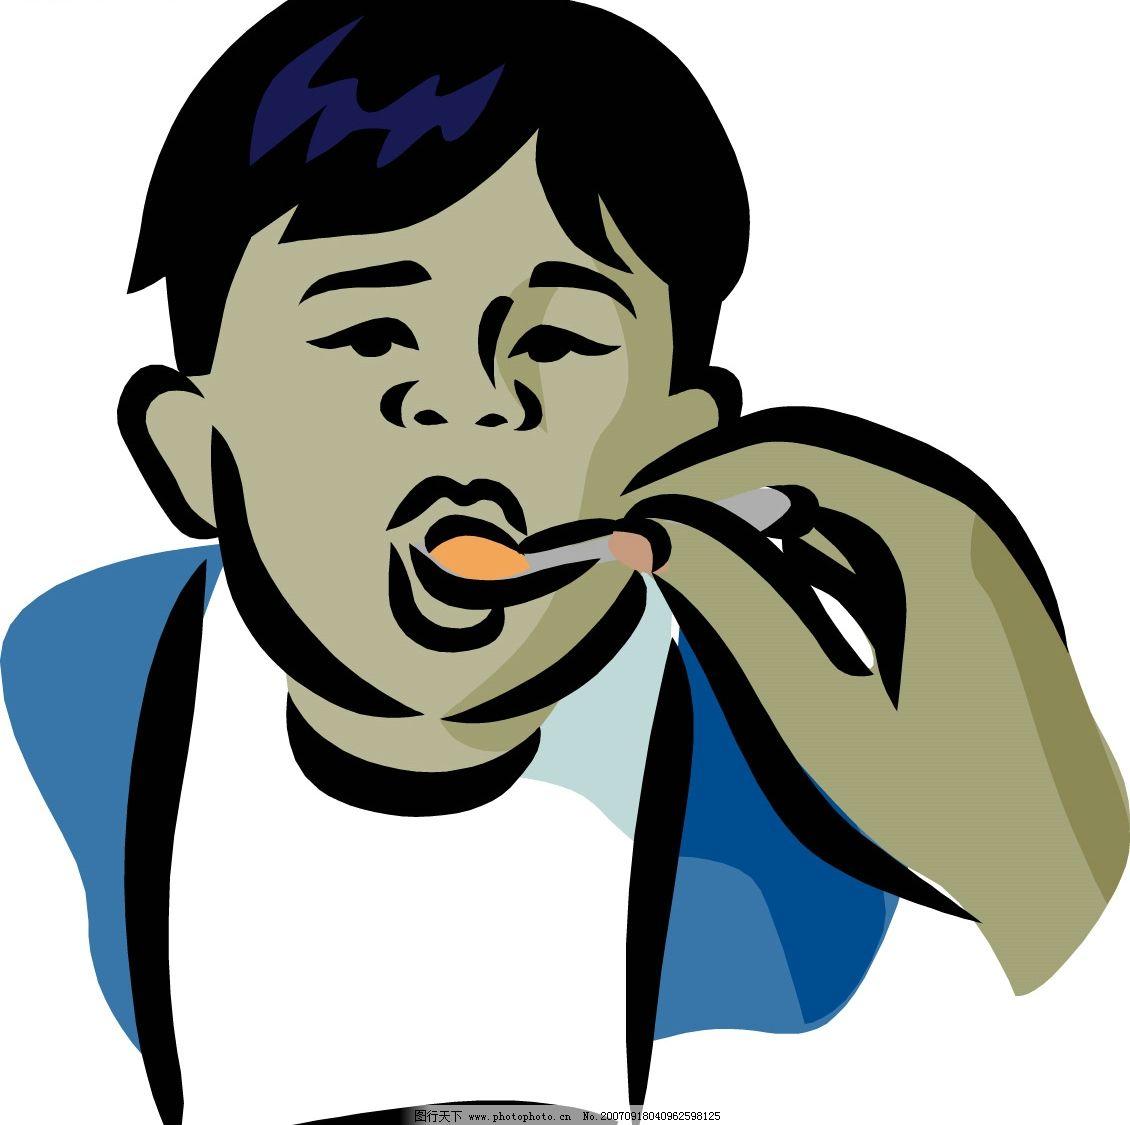 卡通儿童 韩国儿童矢量图 卡通儿童矢量图 韩国儿童矢量 儿童矢量素材